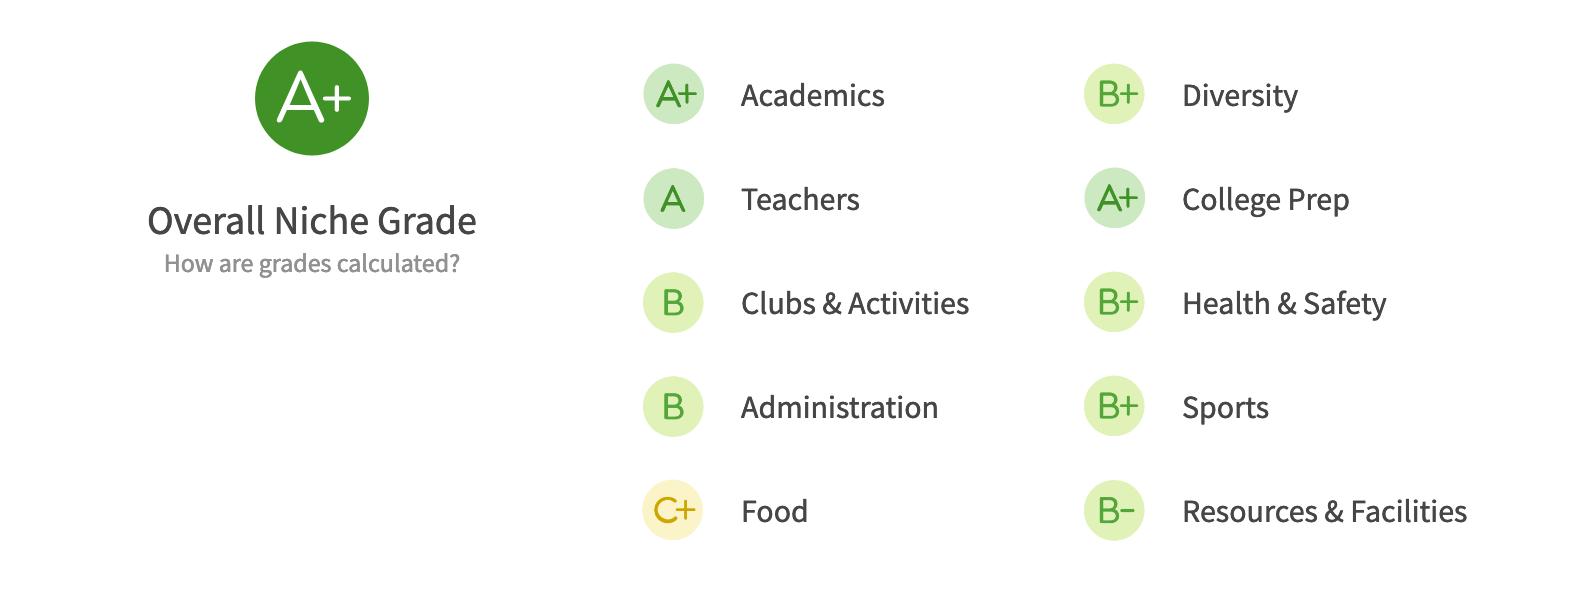 Seattle Area Public School Districts Lake Washington niche.com grades